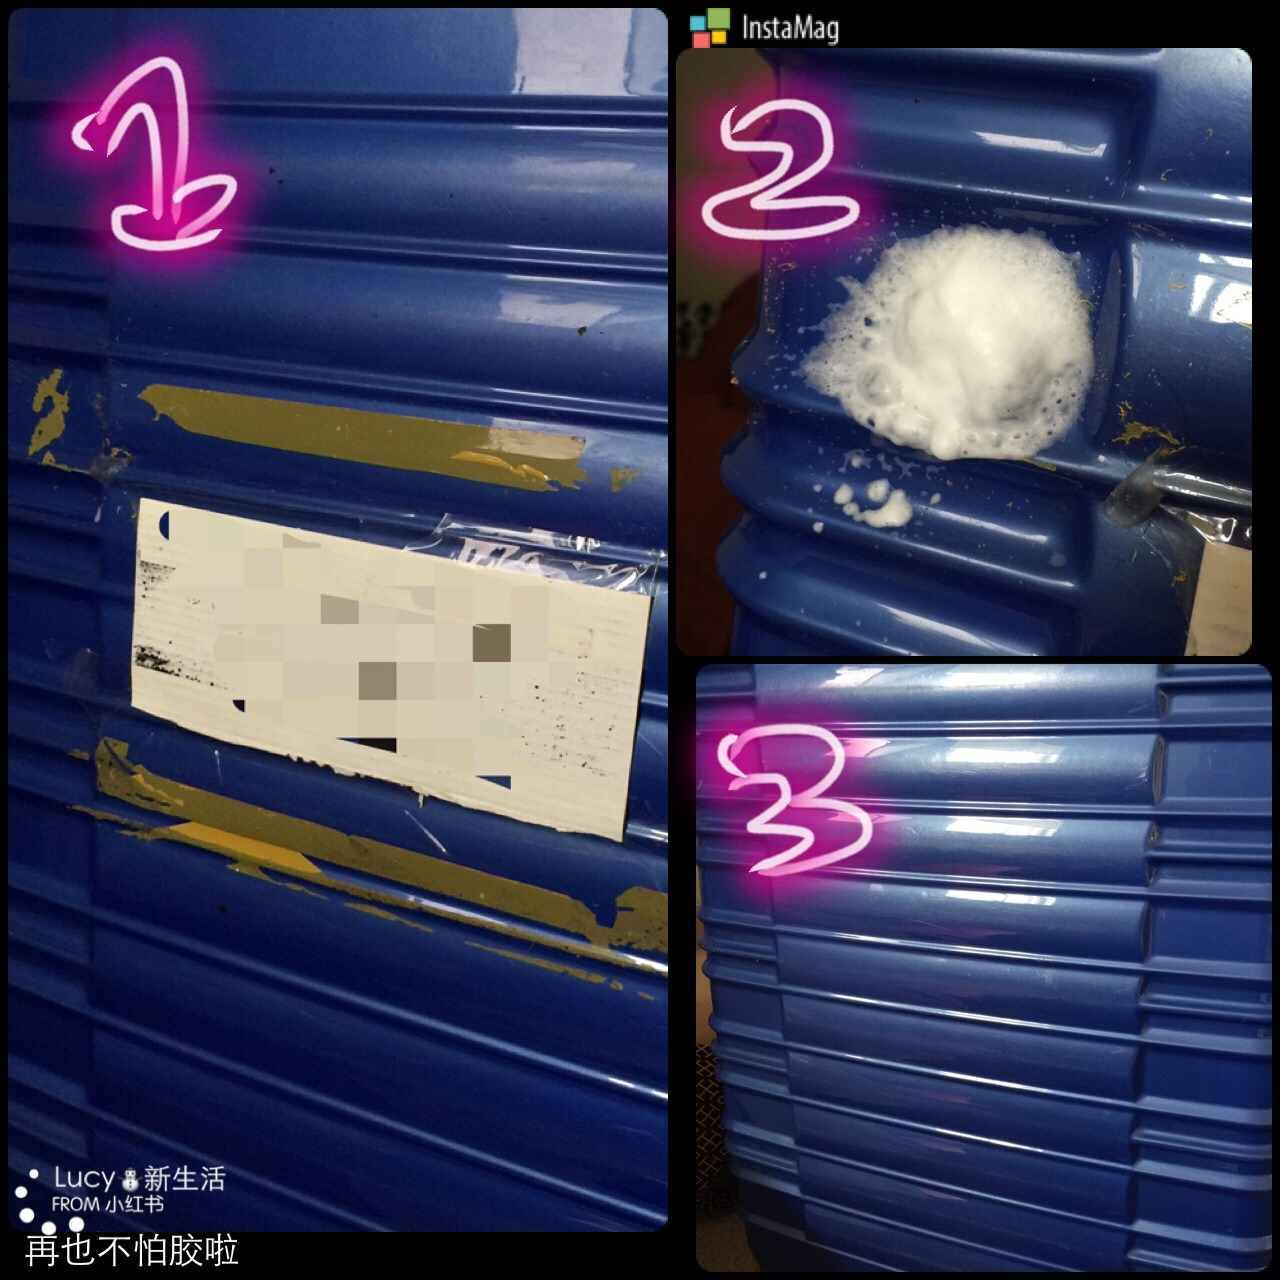 每次坐飞机托运行李 我都会在箱子上贴信息 姓名地址电话什么的 以防